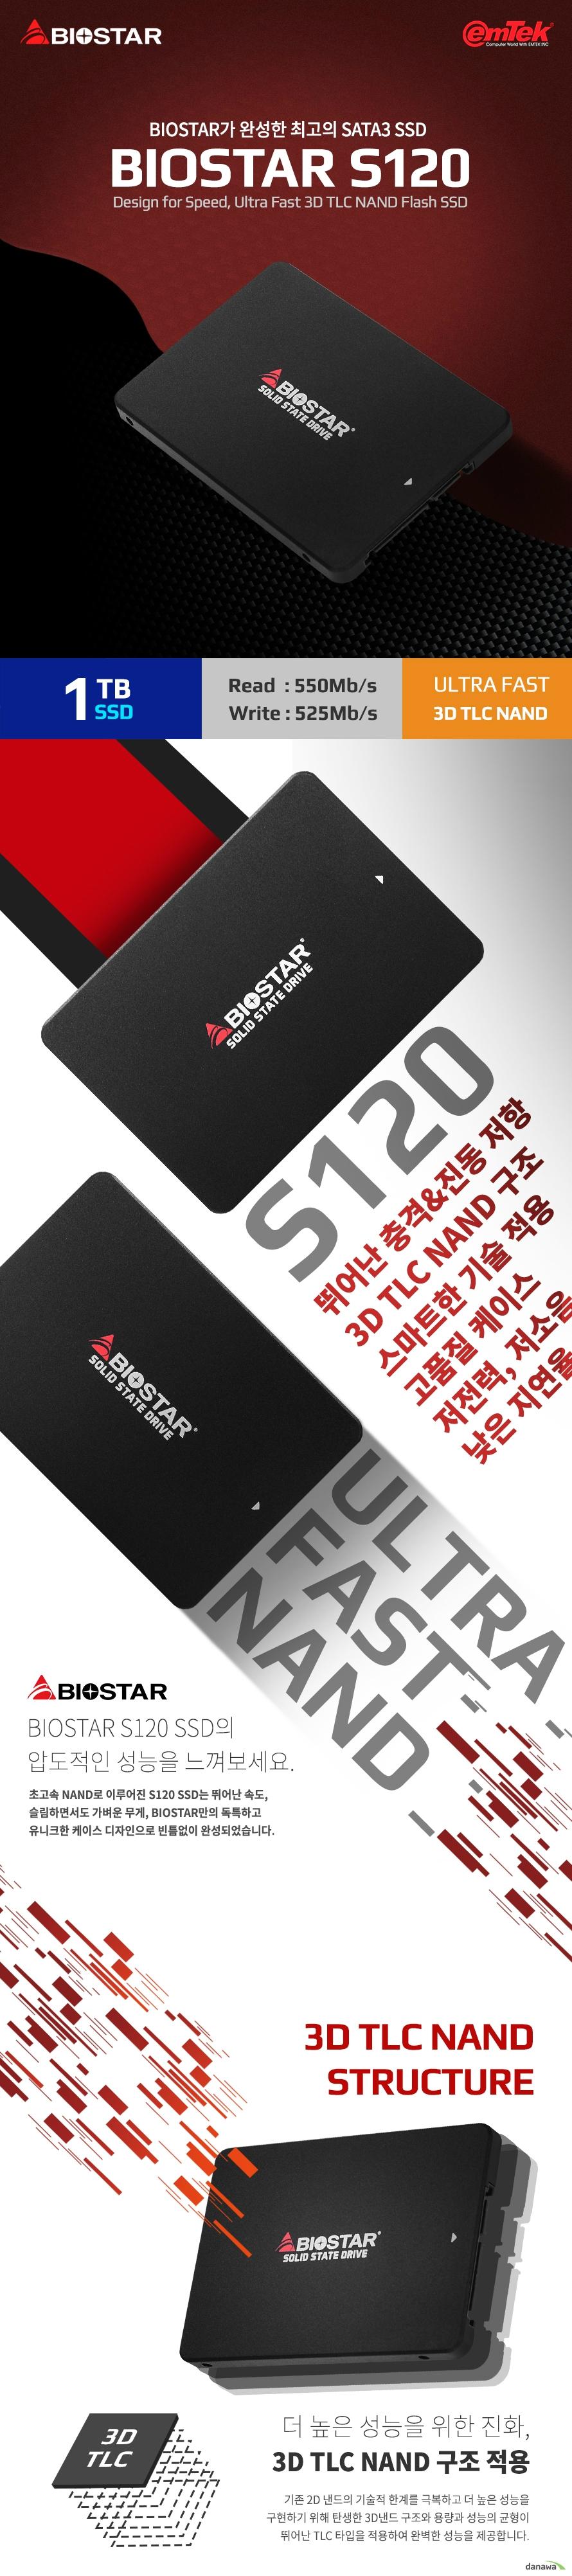 이엠텍 BIOSTAR S120 (1TB)  제품 상세 정보  용량 1TB 인터페이스 SATA3 낸드 종류 3D TLC 낸드 플래시 컨트롤러 MAXIO 0902  제품 성능 읽기 최대 550MB/S 쓰기 최대 525MB/S  작동 온도 0도에서 영상 70도까지  정격 전압 DC 5V  제품 특징 TRIM S.M.A.R.T NCQ WEAR LEVELING 기술 적용 제품 크기  길이 100 밀리미터 넓이 70 밀리미터 두께 7 밀리미터  충격 저항 1500G 진동 저항 7~800헤르츠  습도 5%~95%에서 작동가능  전력 소모   사용시 1.6와트 대기시 0.34와트  제품 무게 36그램 제품 보증 3년 무상보증 KC인증번호 R R EMT BS S120